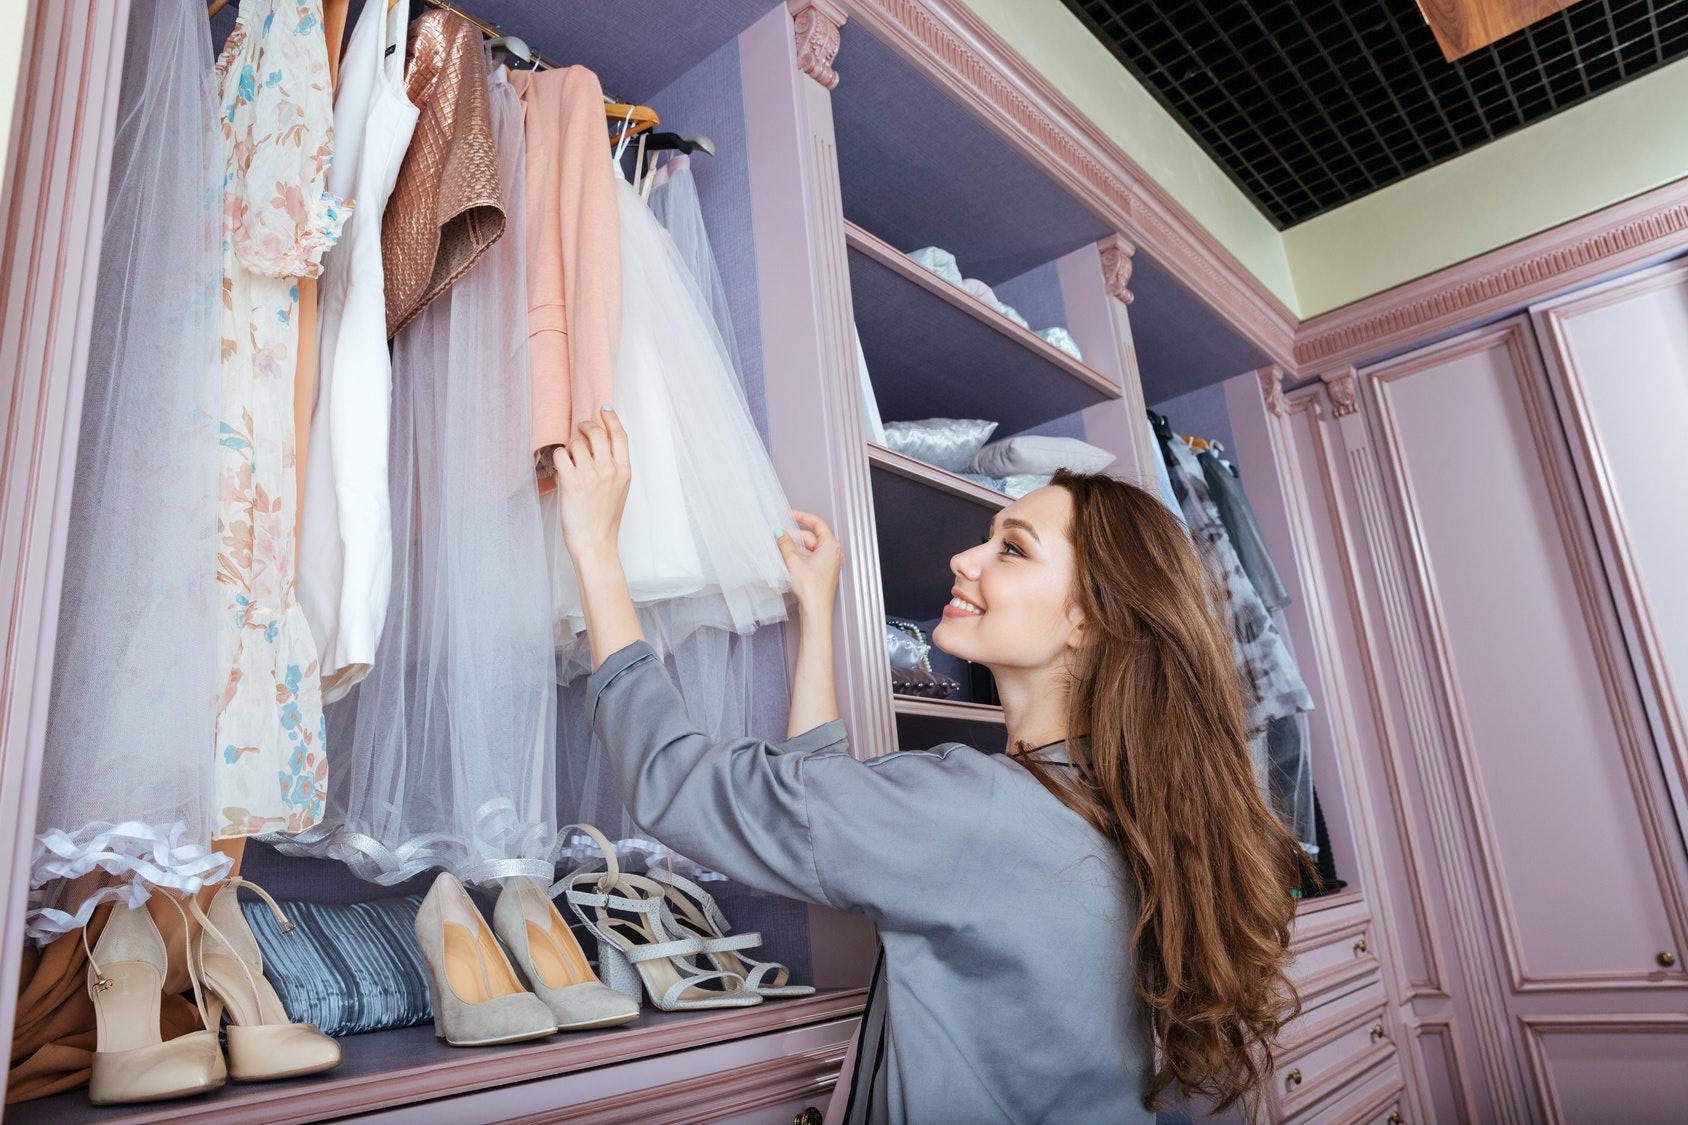 Merveilleux The 12 Best Closet Hangers